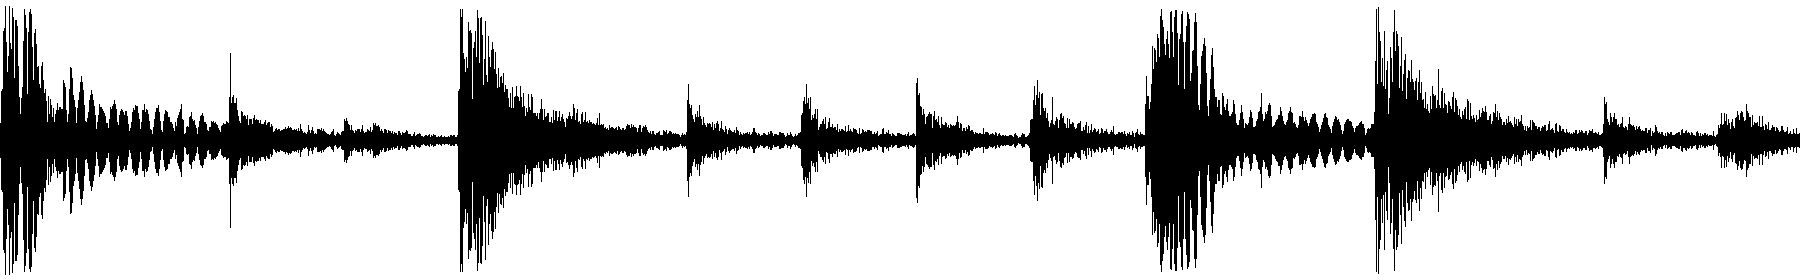 38593 ubik percussionbreak 175bpm wav